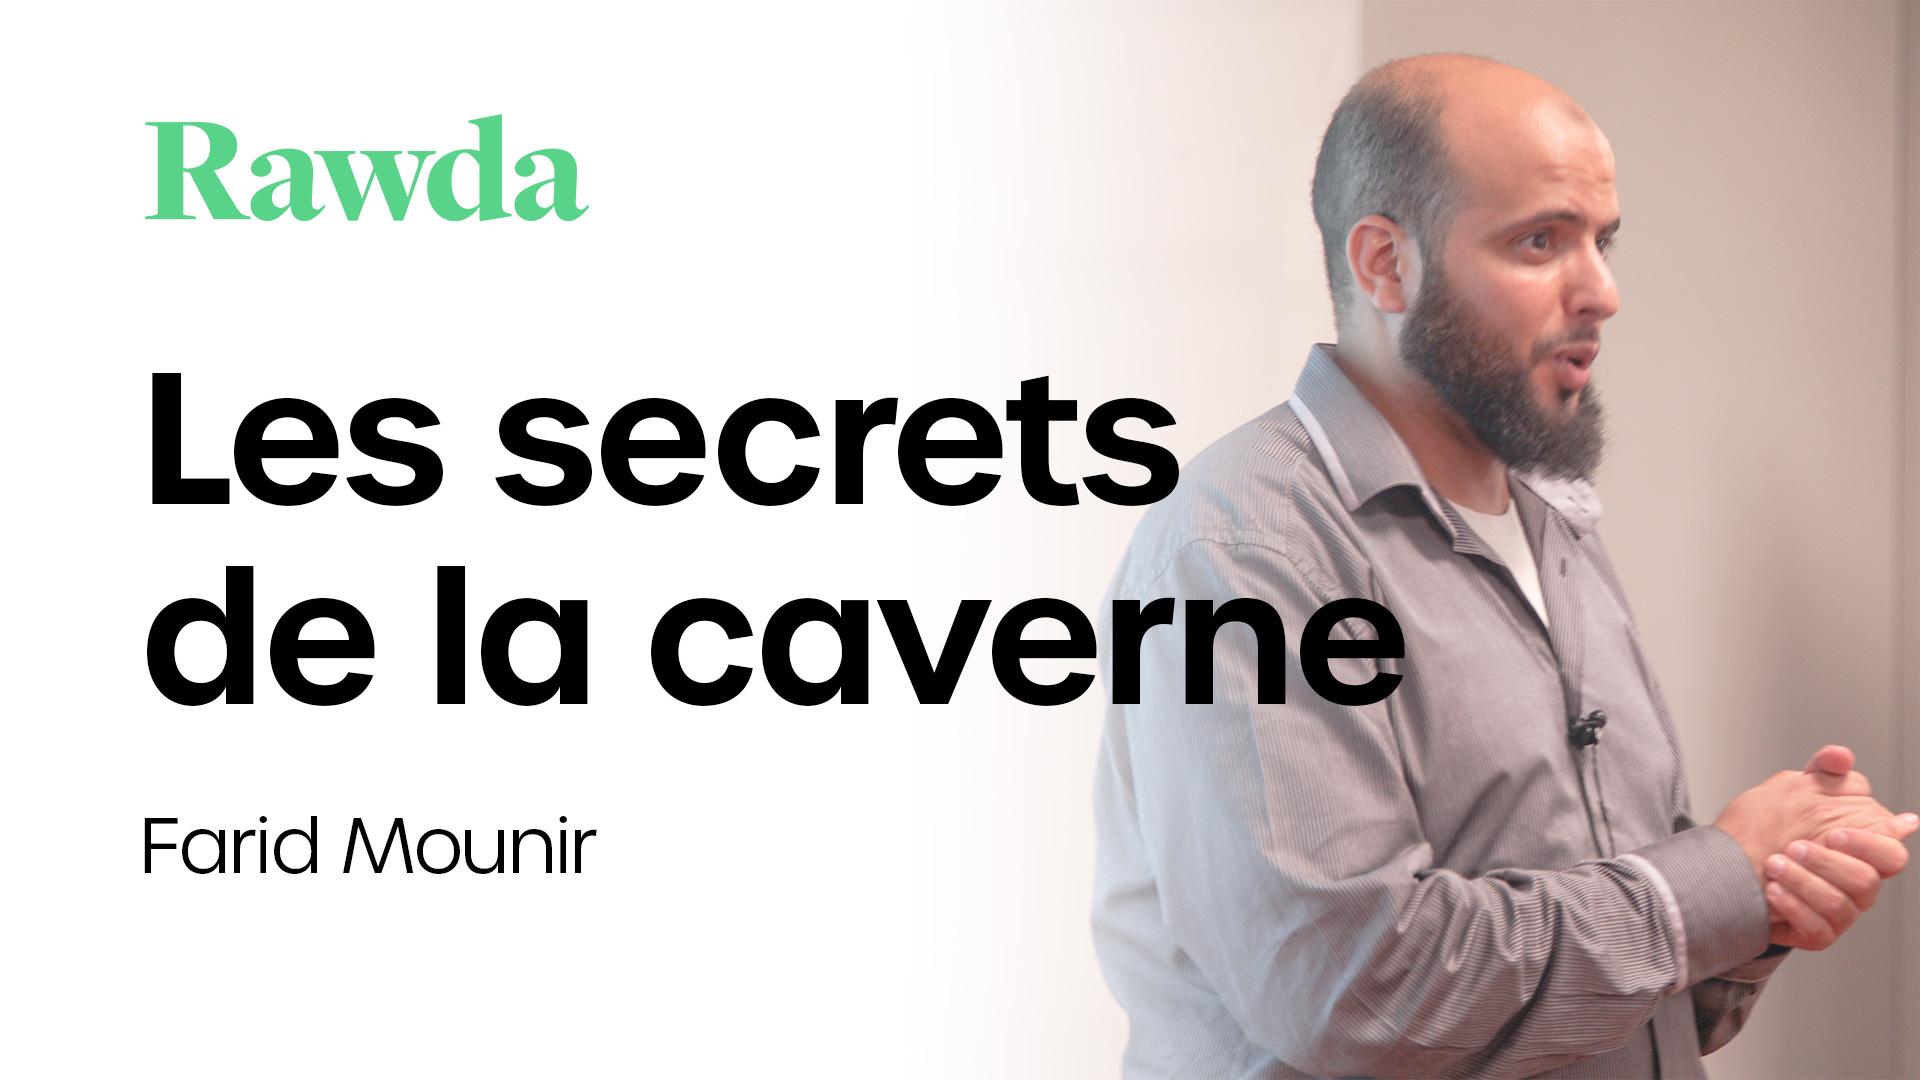 Miniature du cours : Les secrets de la caverne avec Farid Mounir